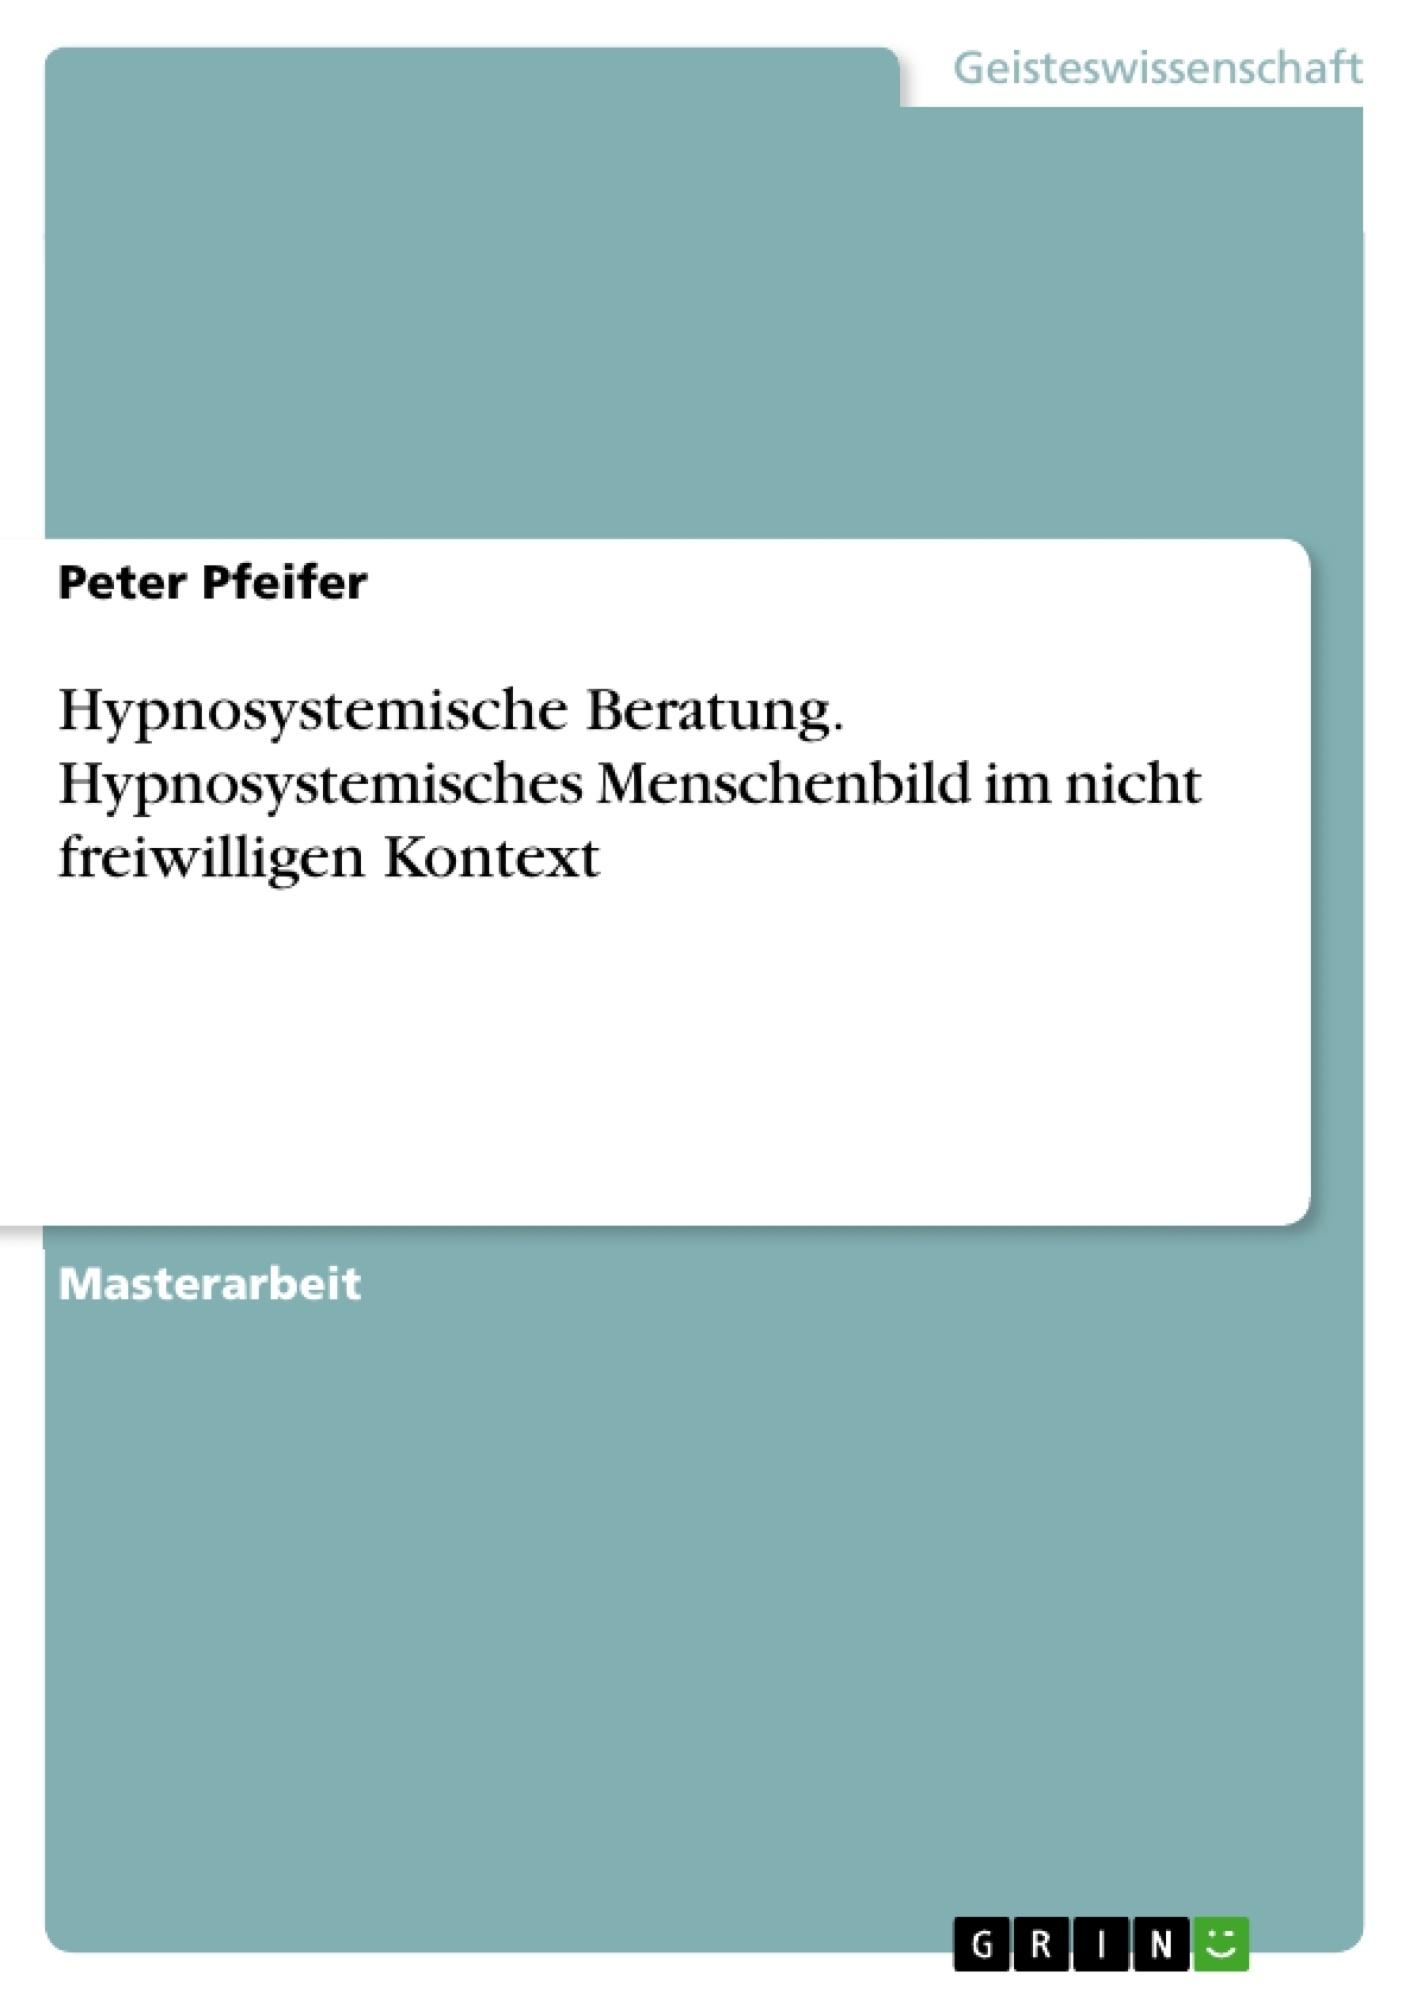 Titel: Hypnosystemische Beratung. Hypnosystemisches Menschenbild im nicht freiwilligen Kontext